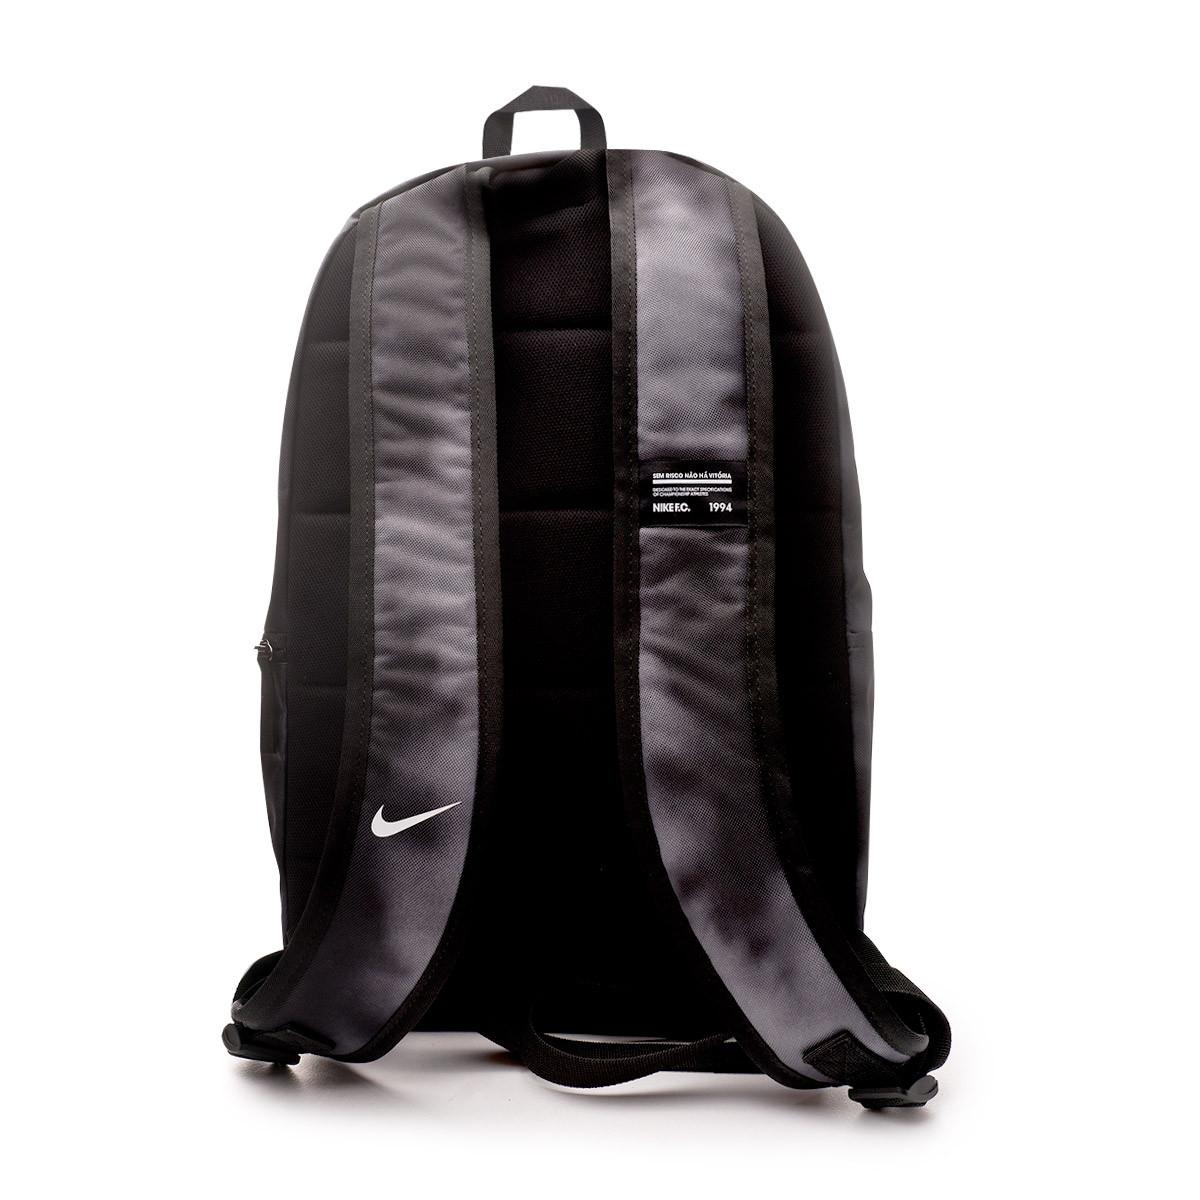 F Nike Mochila cBlack F cBlack Mochila White Nike xQrWECoedB